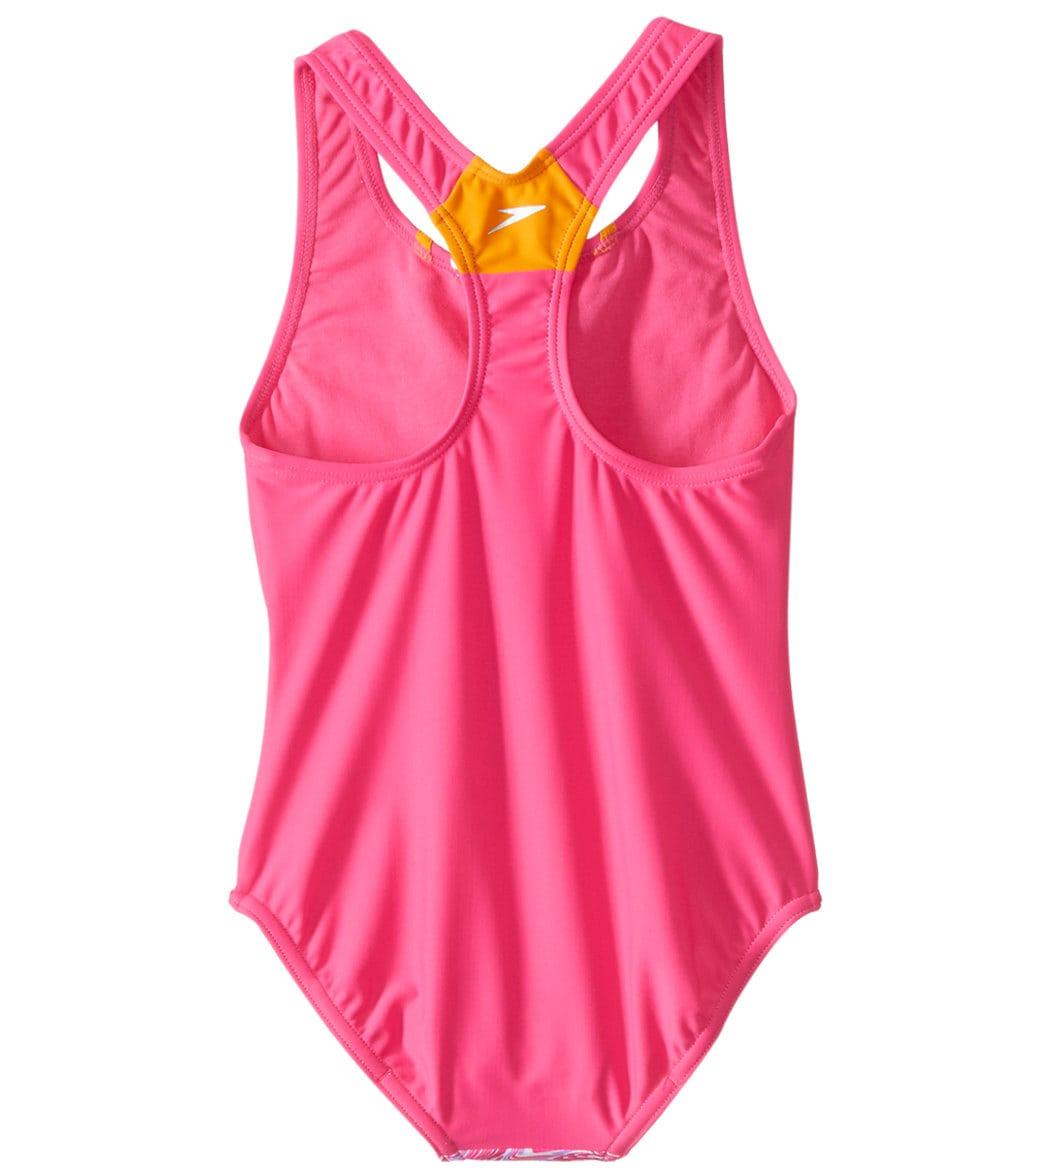 7727771c5f Speedo Girls' Sport Splice One Piece Swimsuit (Big Kid) at SwimOutlet.com